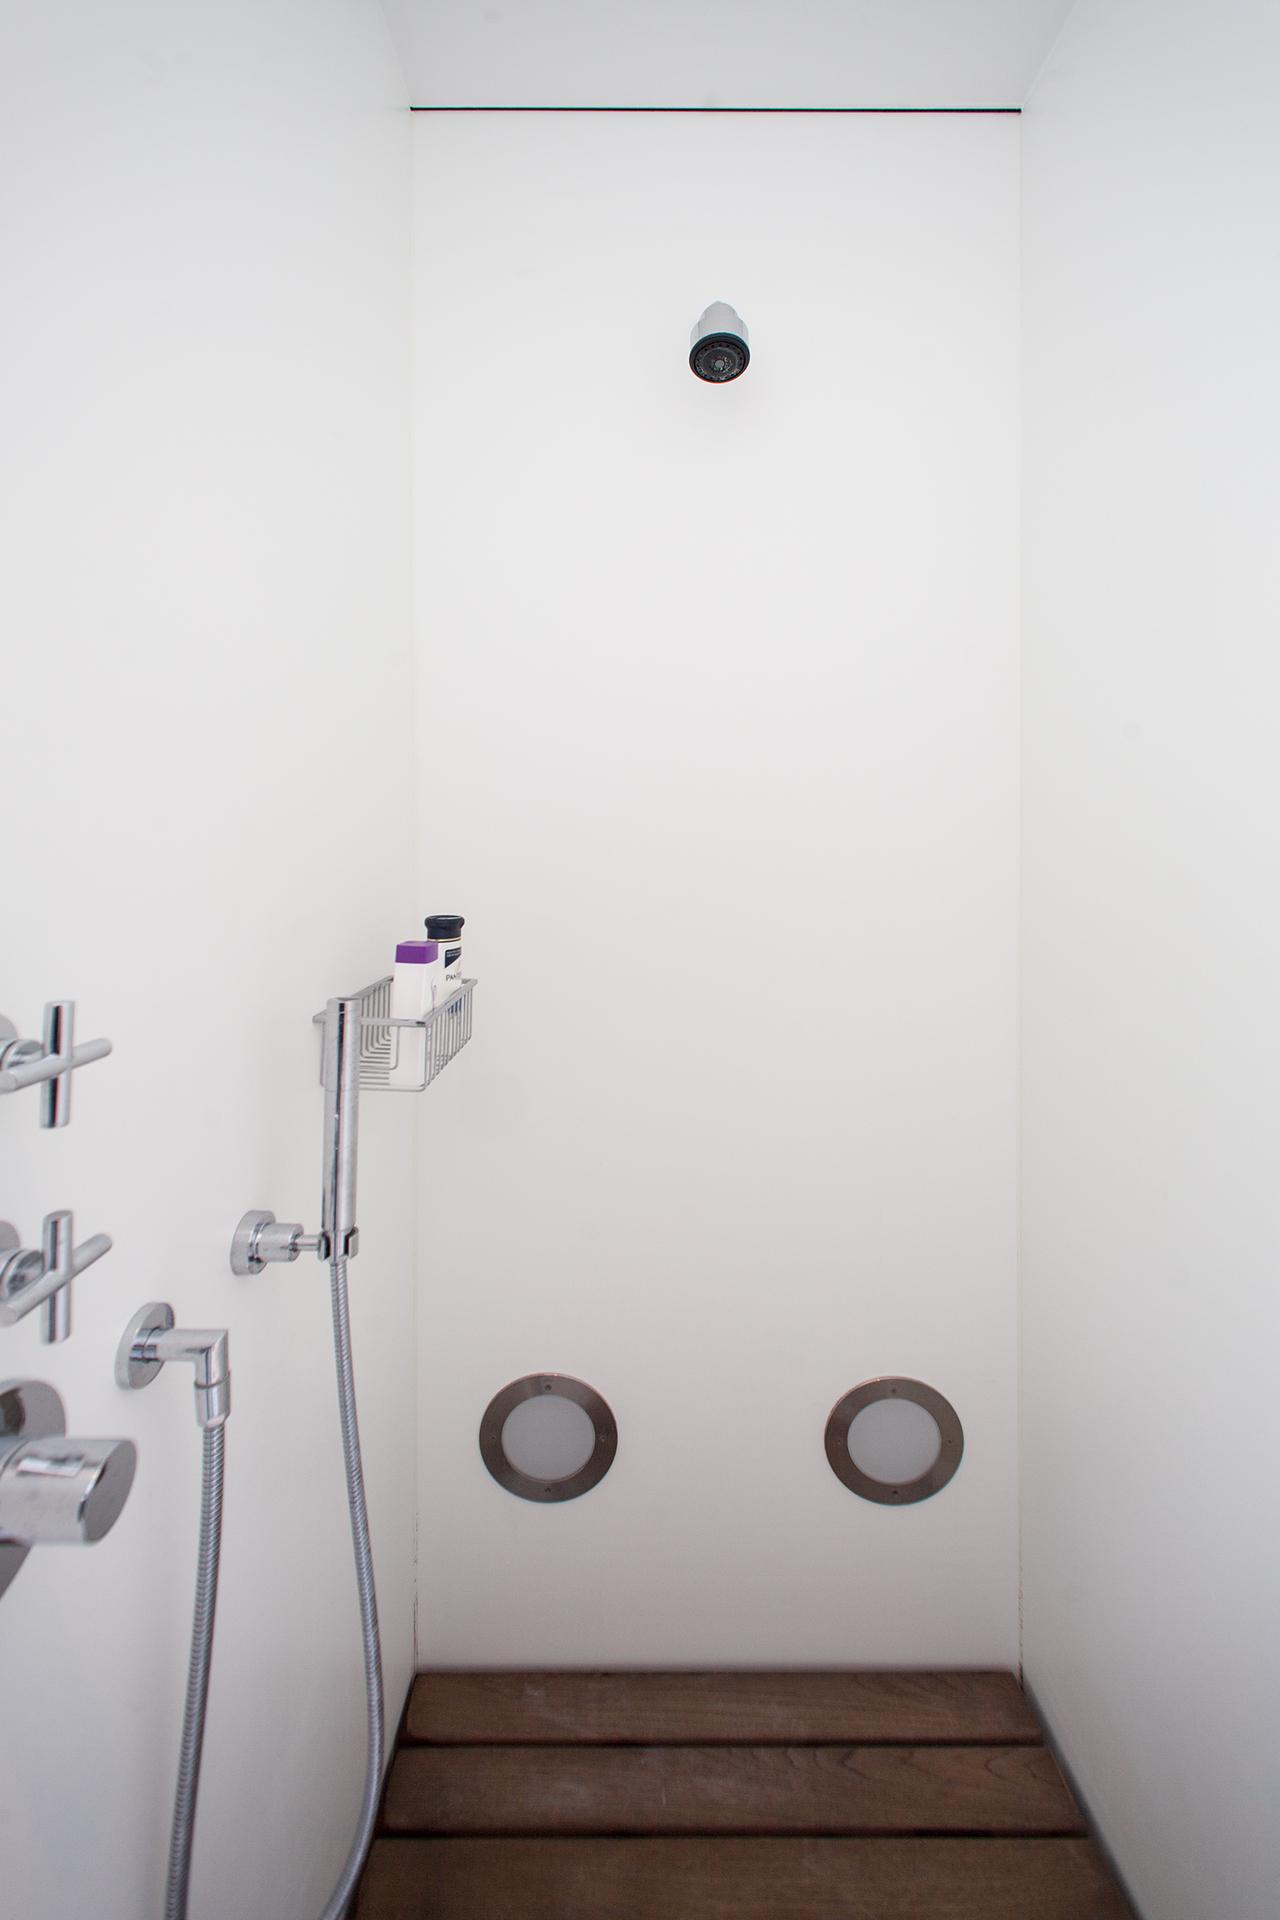 marmor_radermacher_thassos_weißer_marmor_bad_salle_de_bain_marbre_blanc_douche_dusche_2